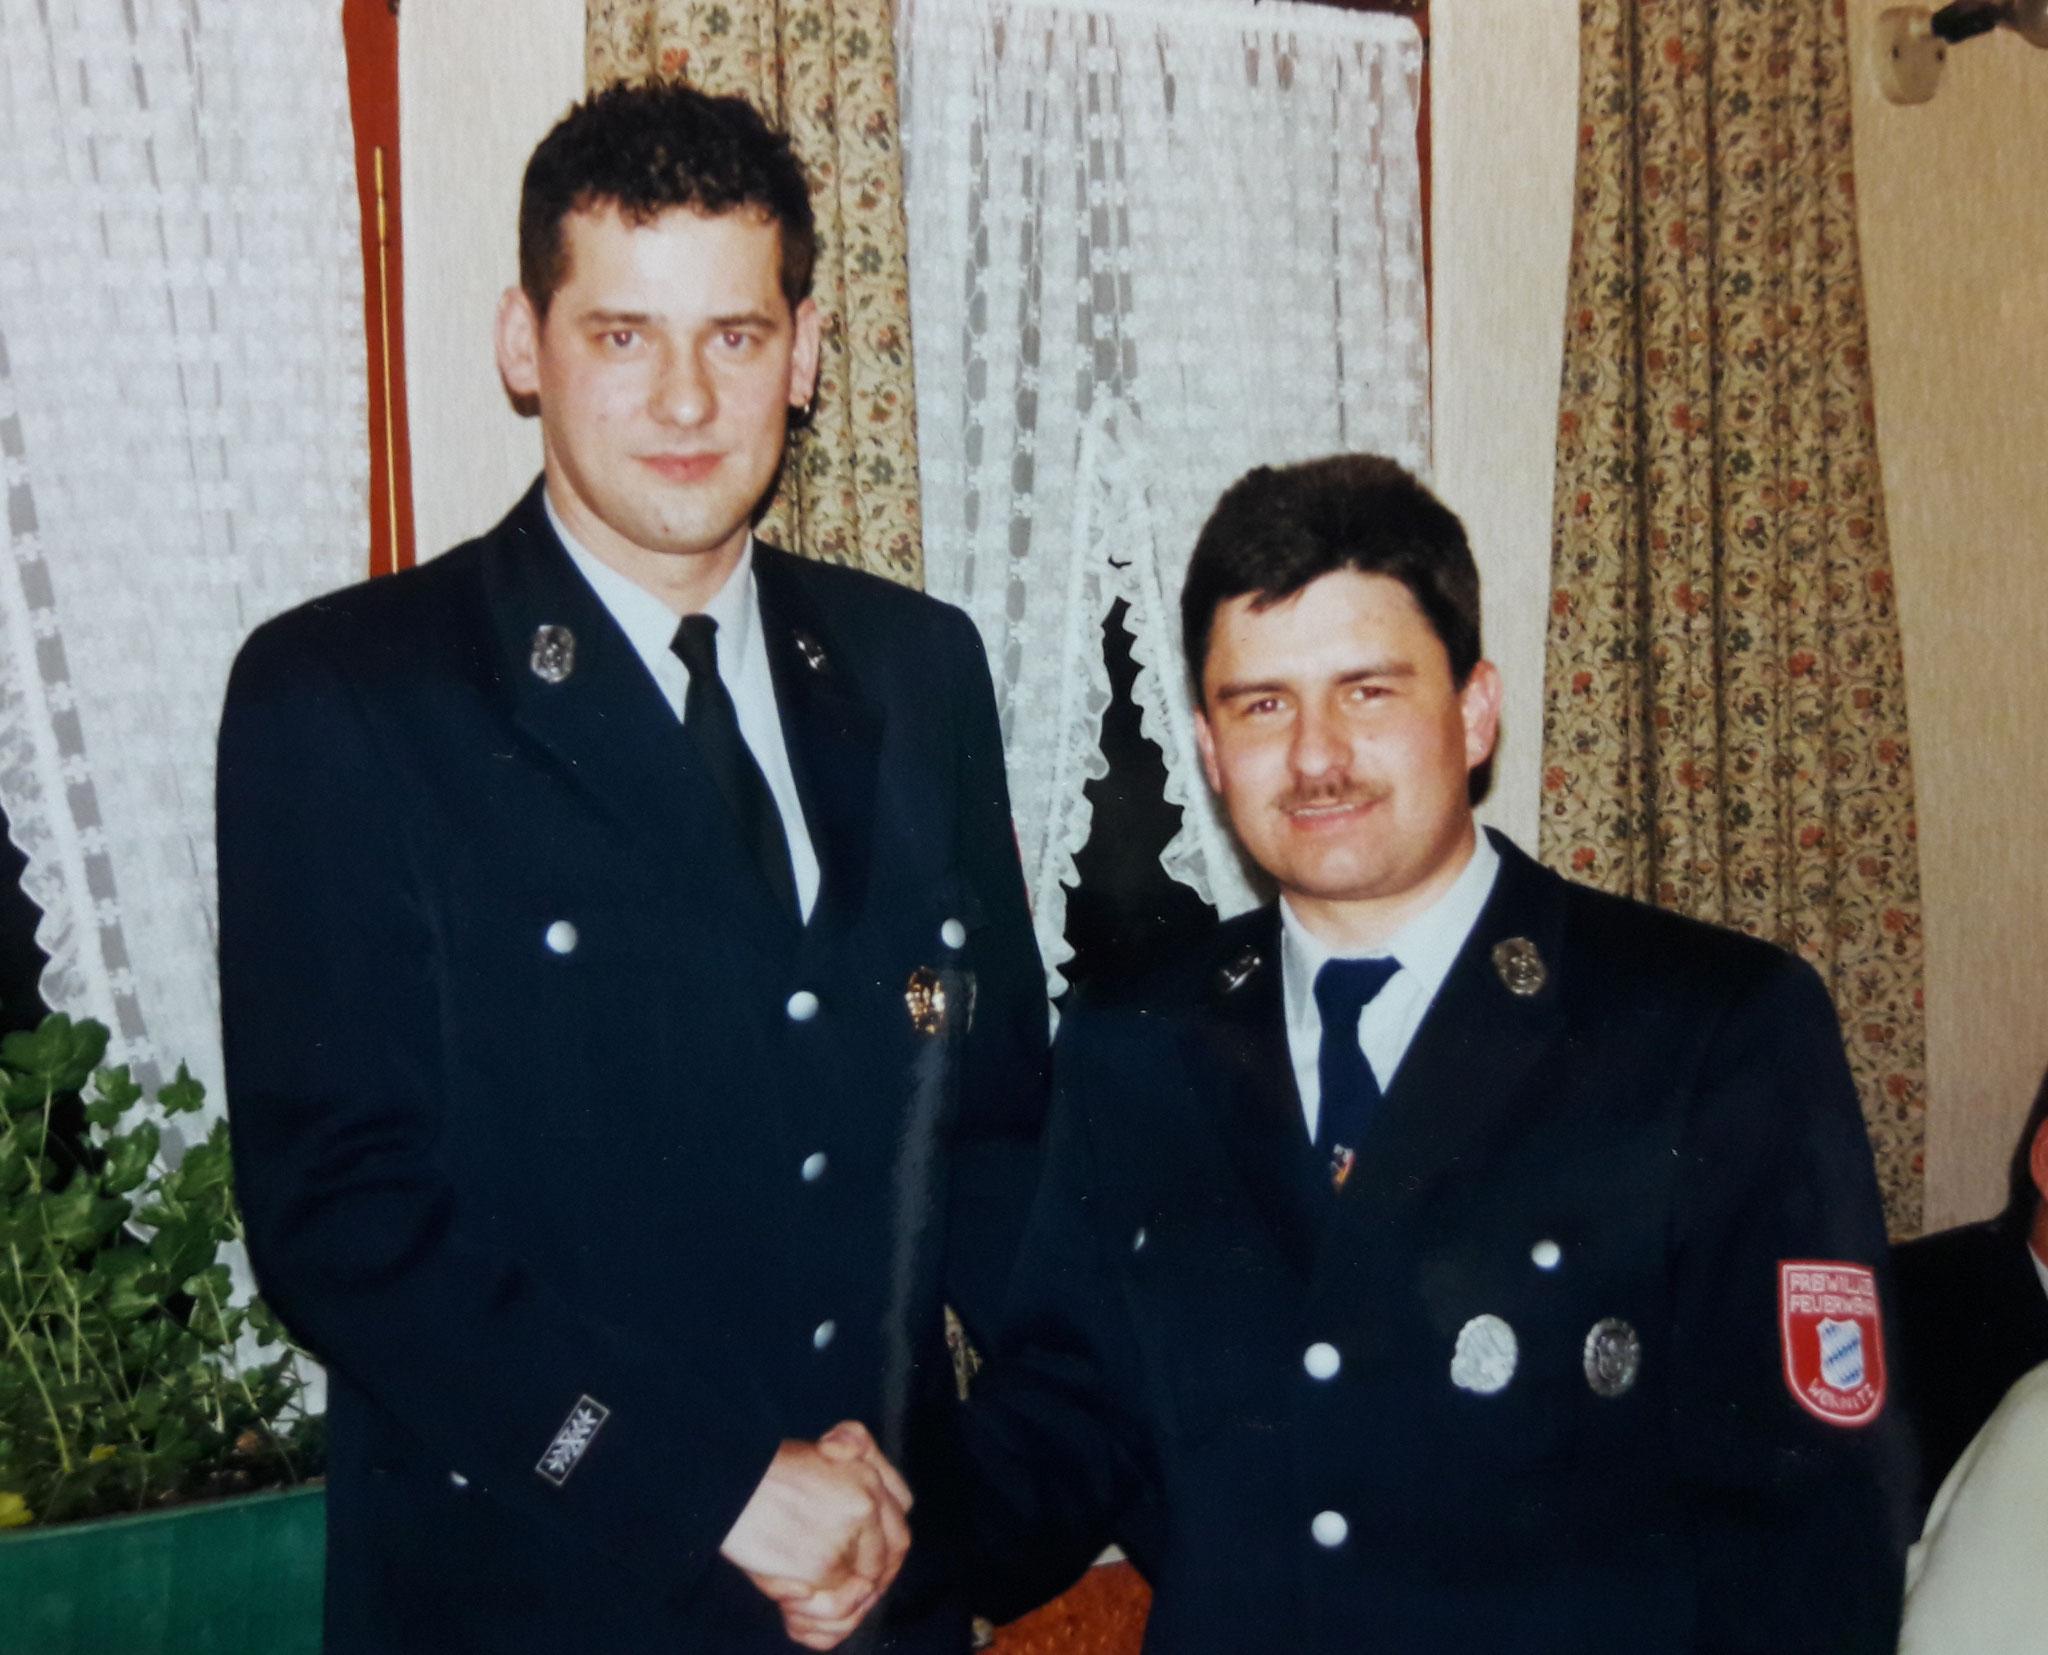 Ralf Bitter und Thomas Wörner bei ihrer Wahl 2000